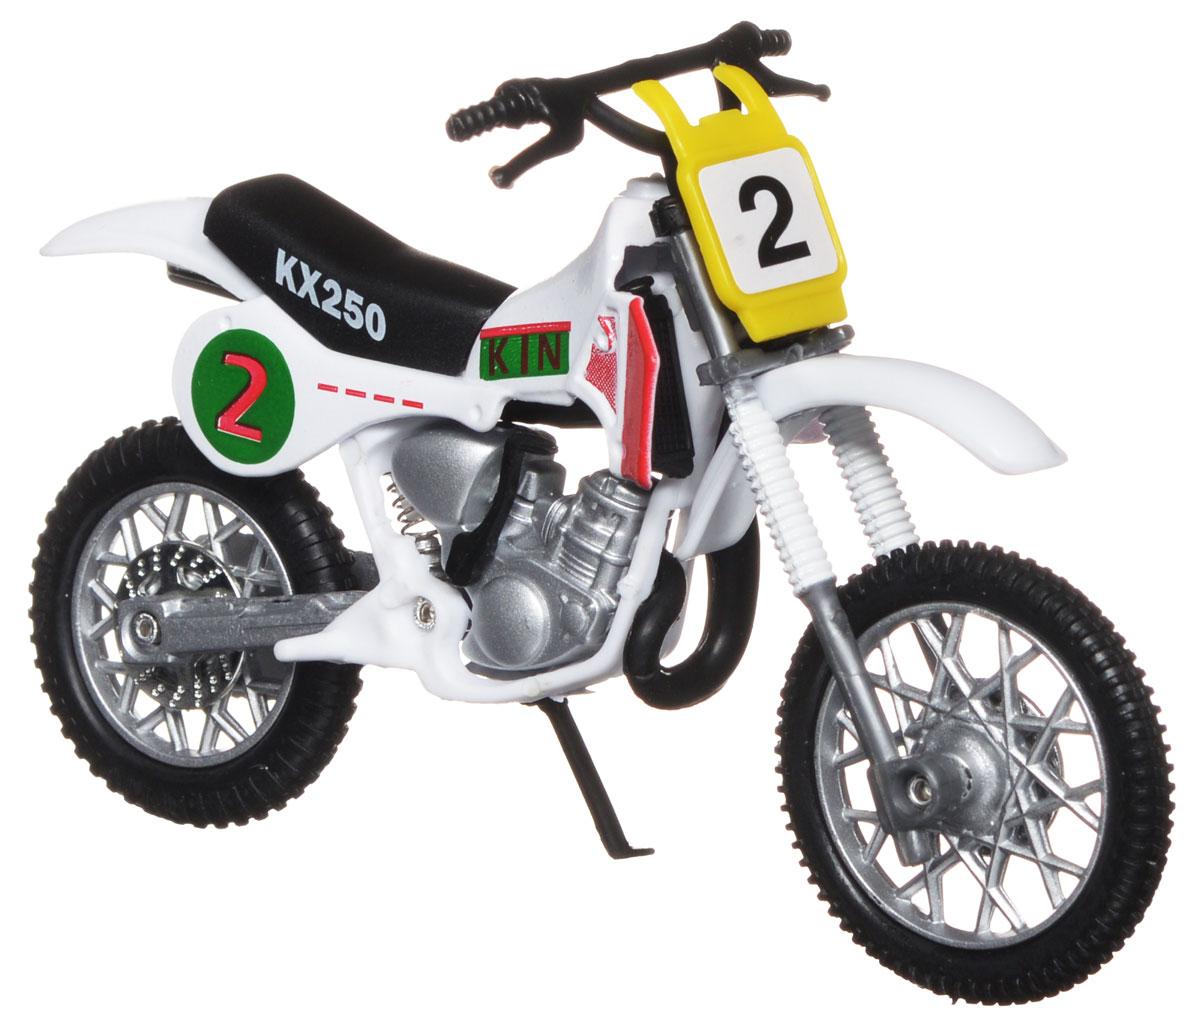 """Кроссовый мотоцикл Dickie Toys """"№2"""" непременно понравится любому маленькому гонщику. Мотоцикл выполнен из прочного безопасного пластика, его колесики прорезинены для лучшего сцепления с поверхностью пола. Мотоцикл оснащен откидывающейся боковой ножкой и оформлен красочными стикерами. Яркий, реалистичный мотоцикл, выполненный с вниманием к деталям, станет отличным дополнением к автопарку вашего малыша! Ваш ребенок часами будет играть с такой игрушкой, придумывая различные истории и устраивая соревнования. Порадуйте его таким замечательным подарком!"""